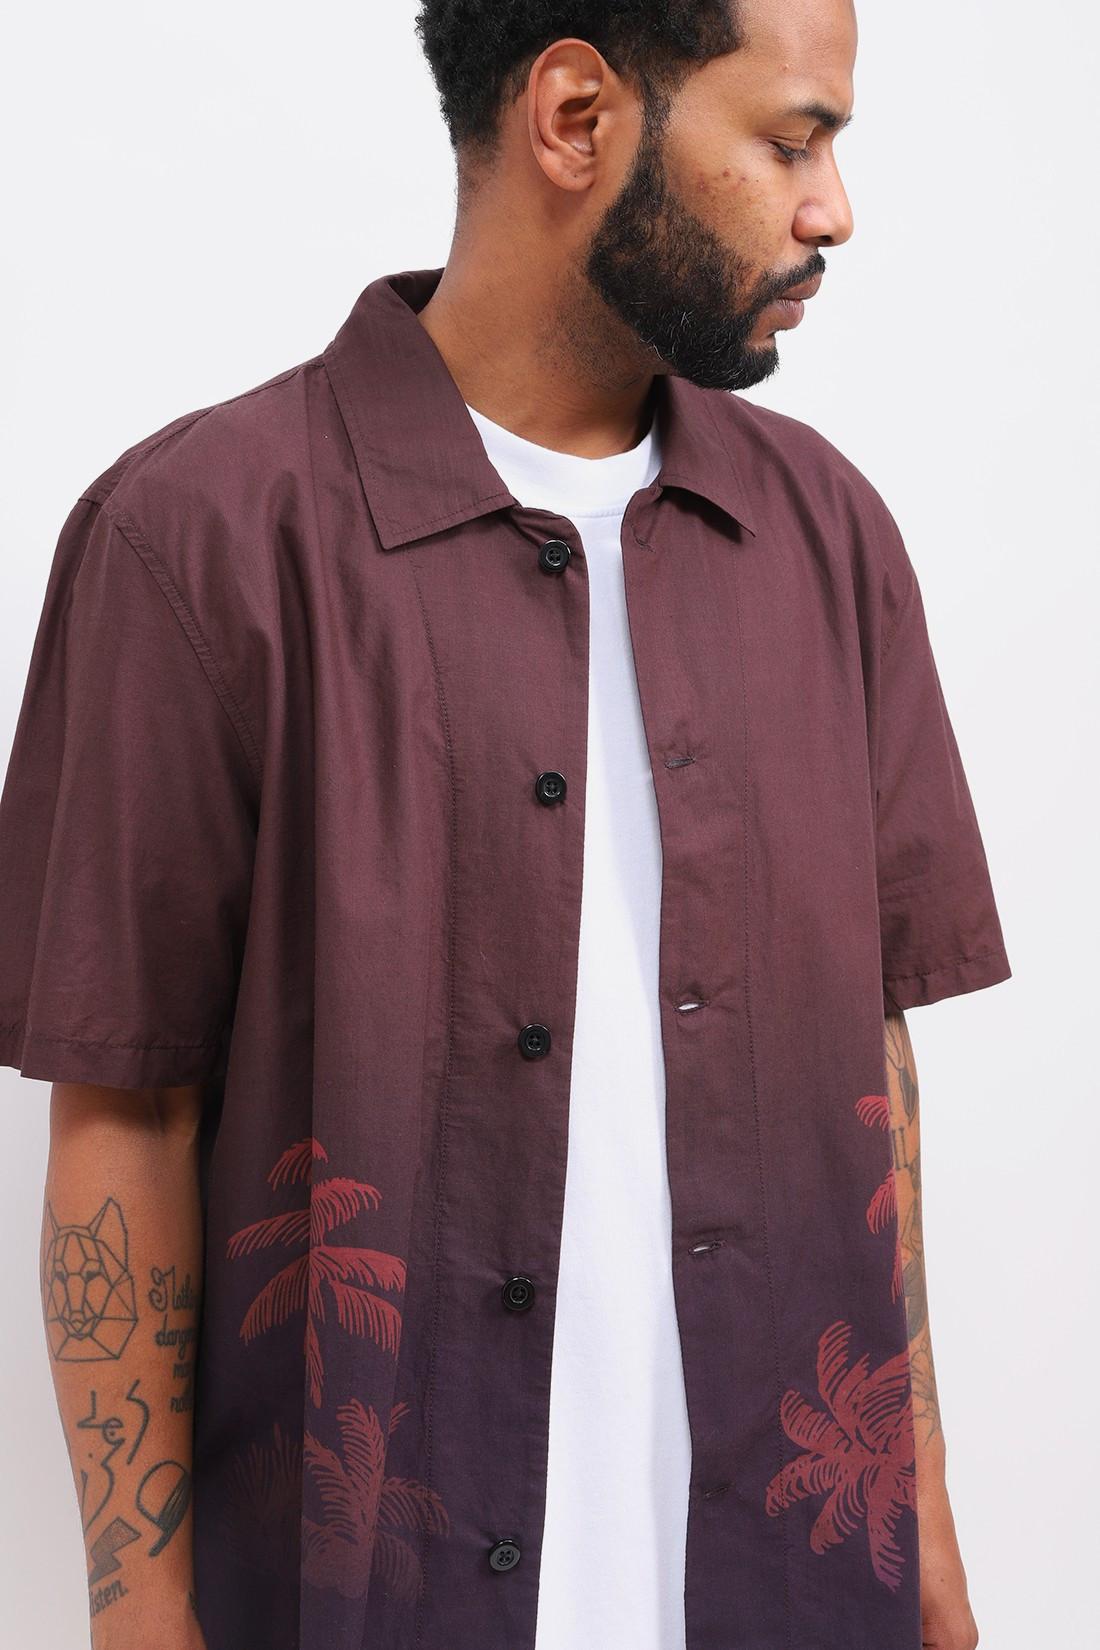 EDWIN / Palmrain s/s poplin shirt Aop